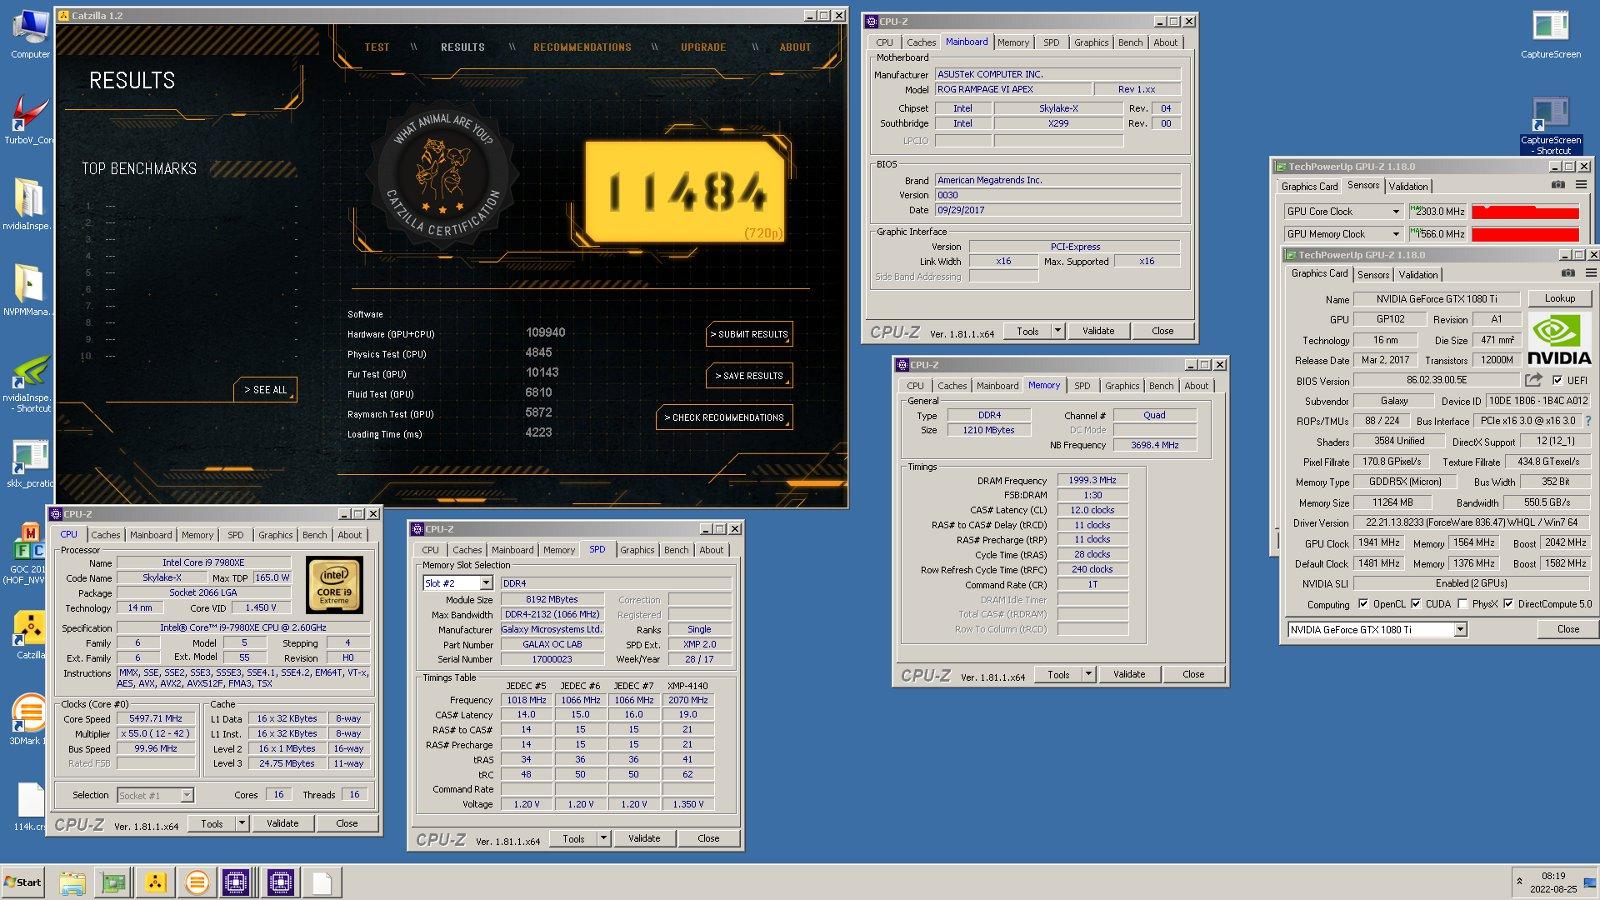 Шведският овърклокър Shami регистрира в базата данни hwbot абсолютен рекорд